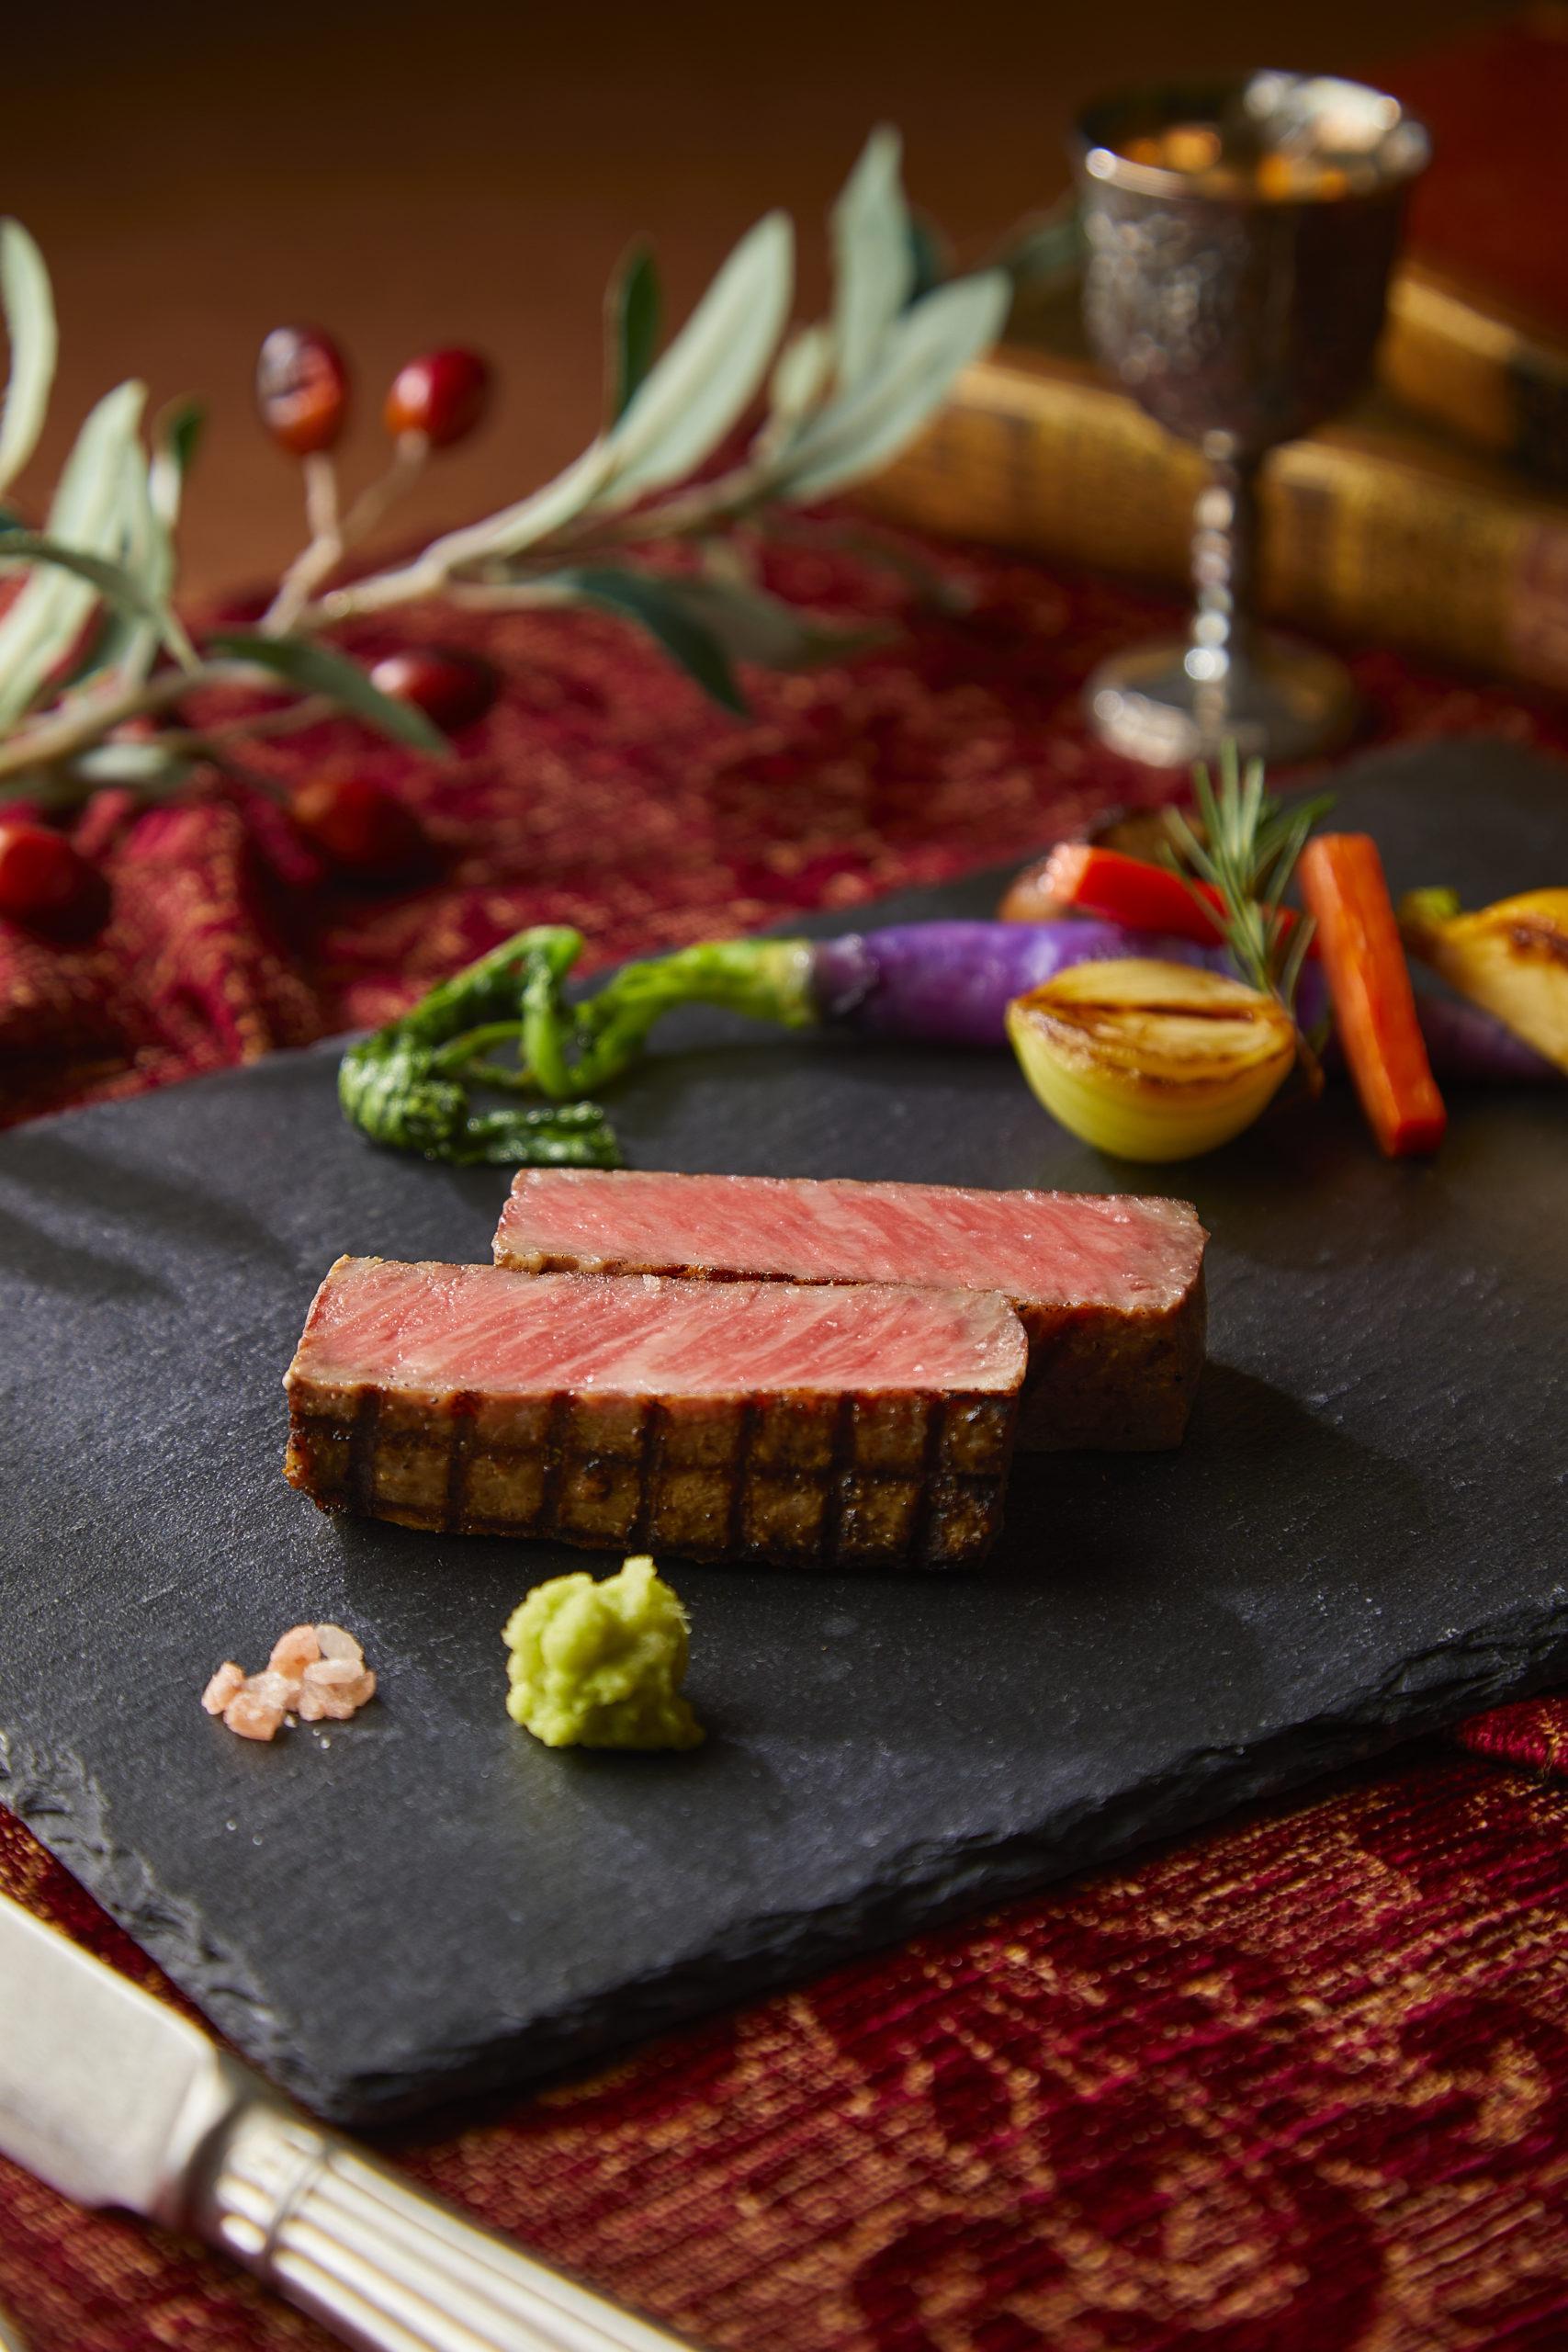 【1件目来館特典あり】国産牛フレンチ試食×貸切邸宅ウェディング体験フェア